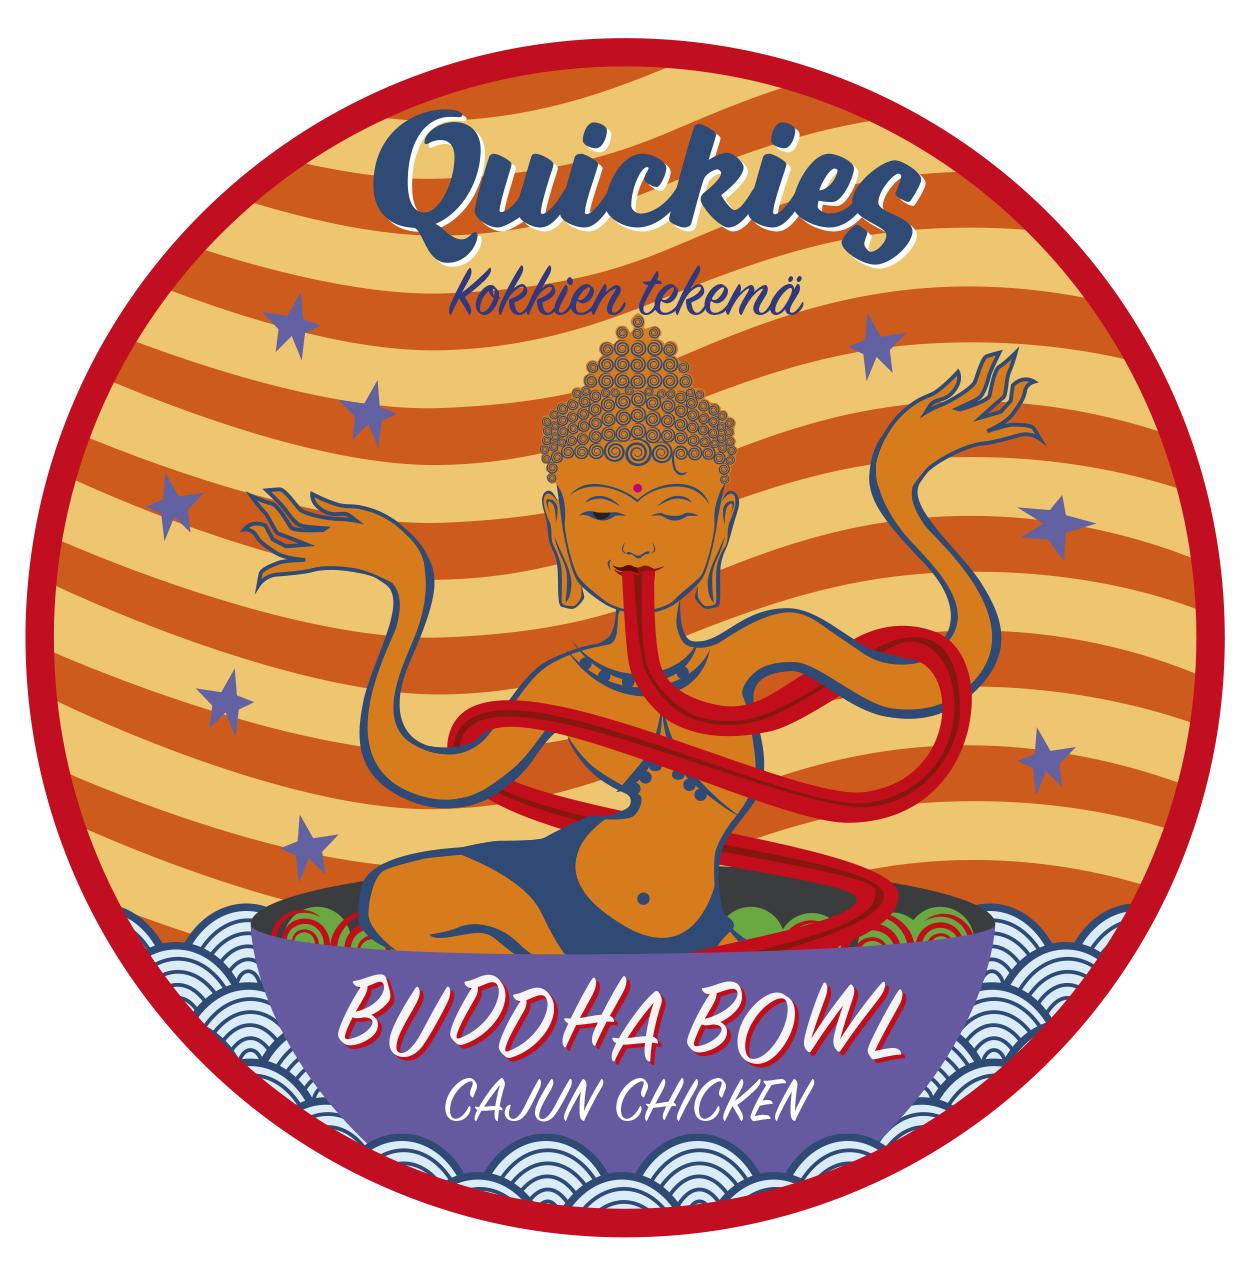 Quickies Buddha Bowl - Cajun Chicken  (gluten-free, dairy-free) 425g  Riisinuudeli,gluteeniton  soija kastike, seesaminsiemen,  bataatti, öljy (rypsi, oliivi), chili,  valkosipuli , valkoviinietikka, sokeri, suola, tomaatti, ruohosipuli, persilja, timjami, sitruuna, lime,  punasipuli , kikherne, cajun-mauste ( valkosipuli- jauhe, cayannepippuri,  paprika , mustapippuri, oregano), porkkana, kaneli,  hummus ( kikherne,  tahini ( seesamin-siemen ), kumina), kvinoa, herkkusieni, balsamico, punajuuri, kurpitsansiemen, broileri 12% (suomi)  Per 100g: energia, laskennallinen (kj) 628,23, (kcal) 150,15 | hiilihydraatti imeytyvä 16,27 joista sokereita 2,44 | rasva (g) 6,23 | proteiini (g) 5,92 | kuitu, kokonais- (g) 2,37